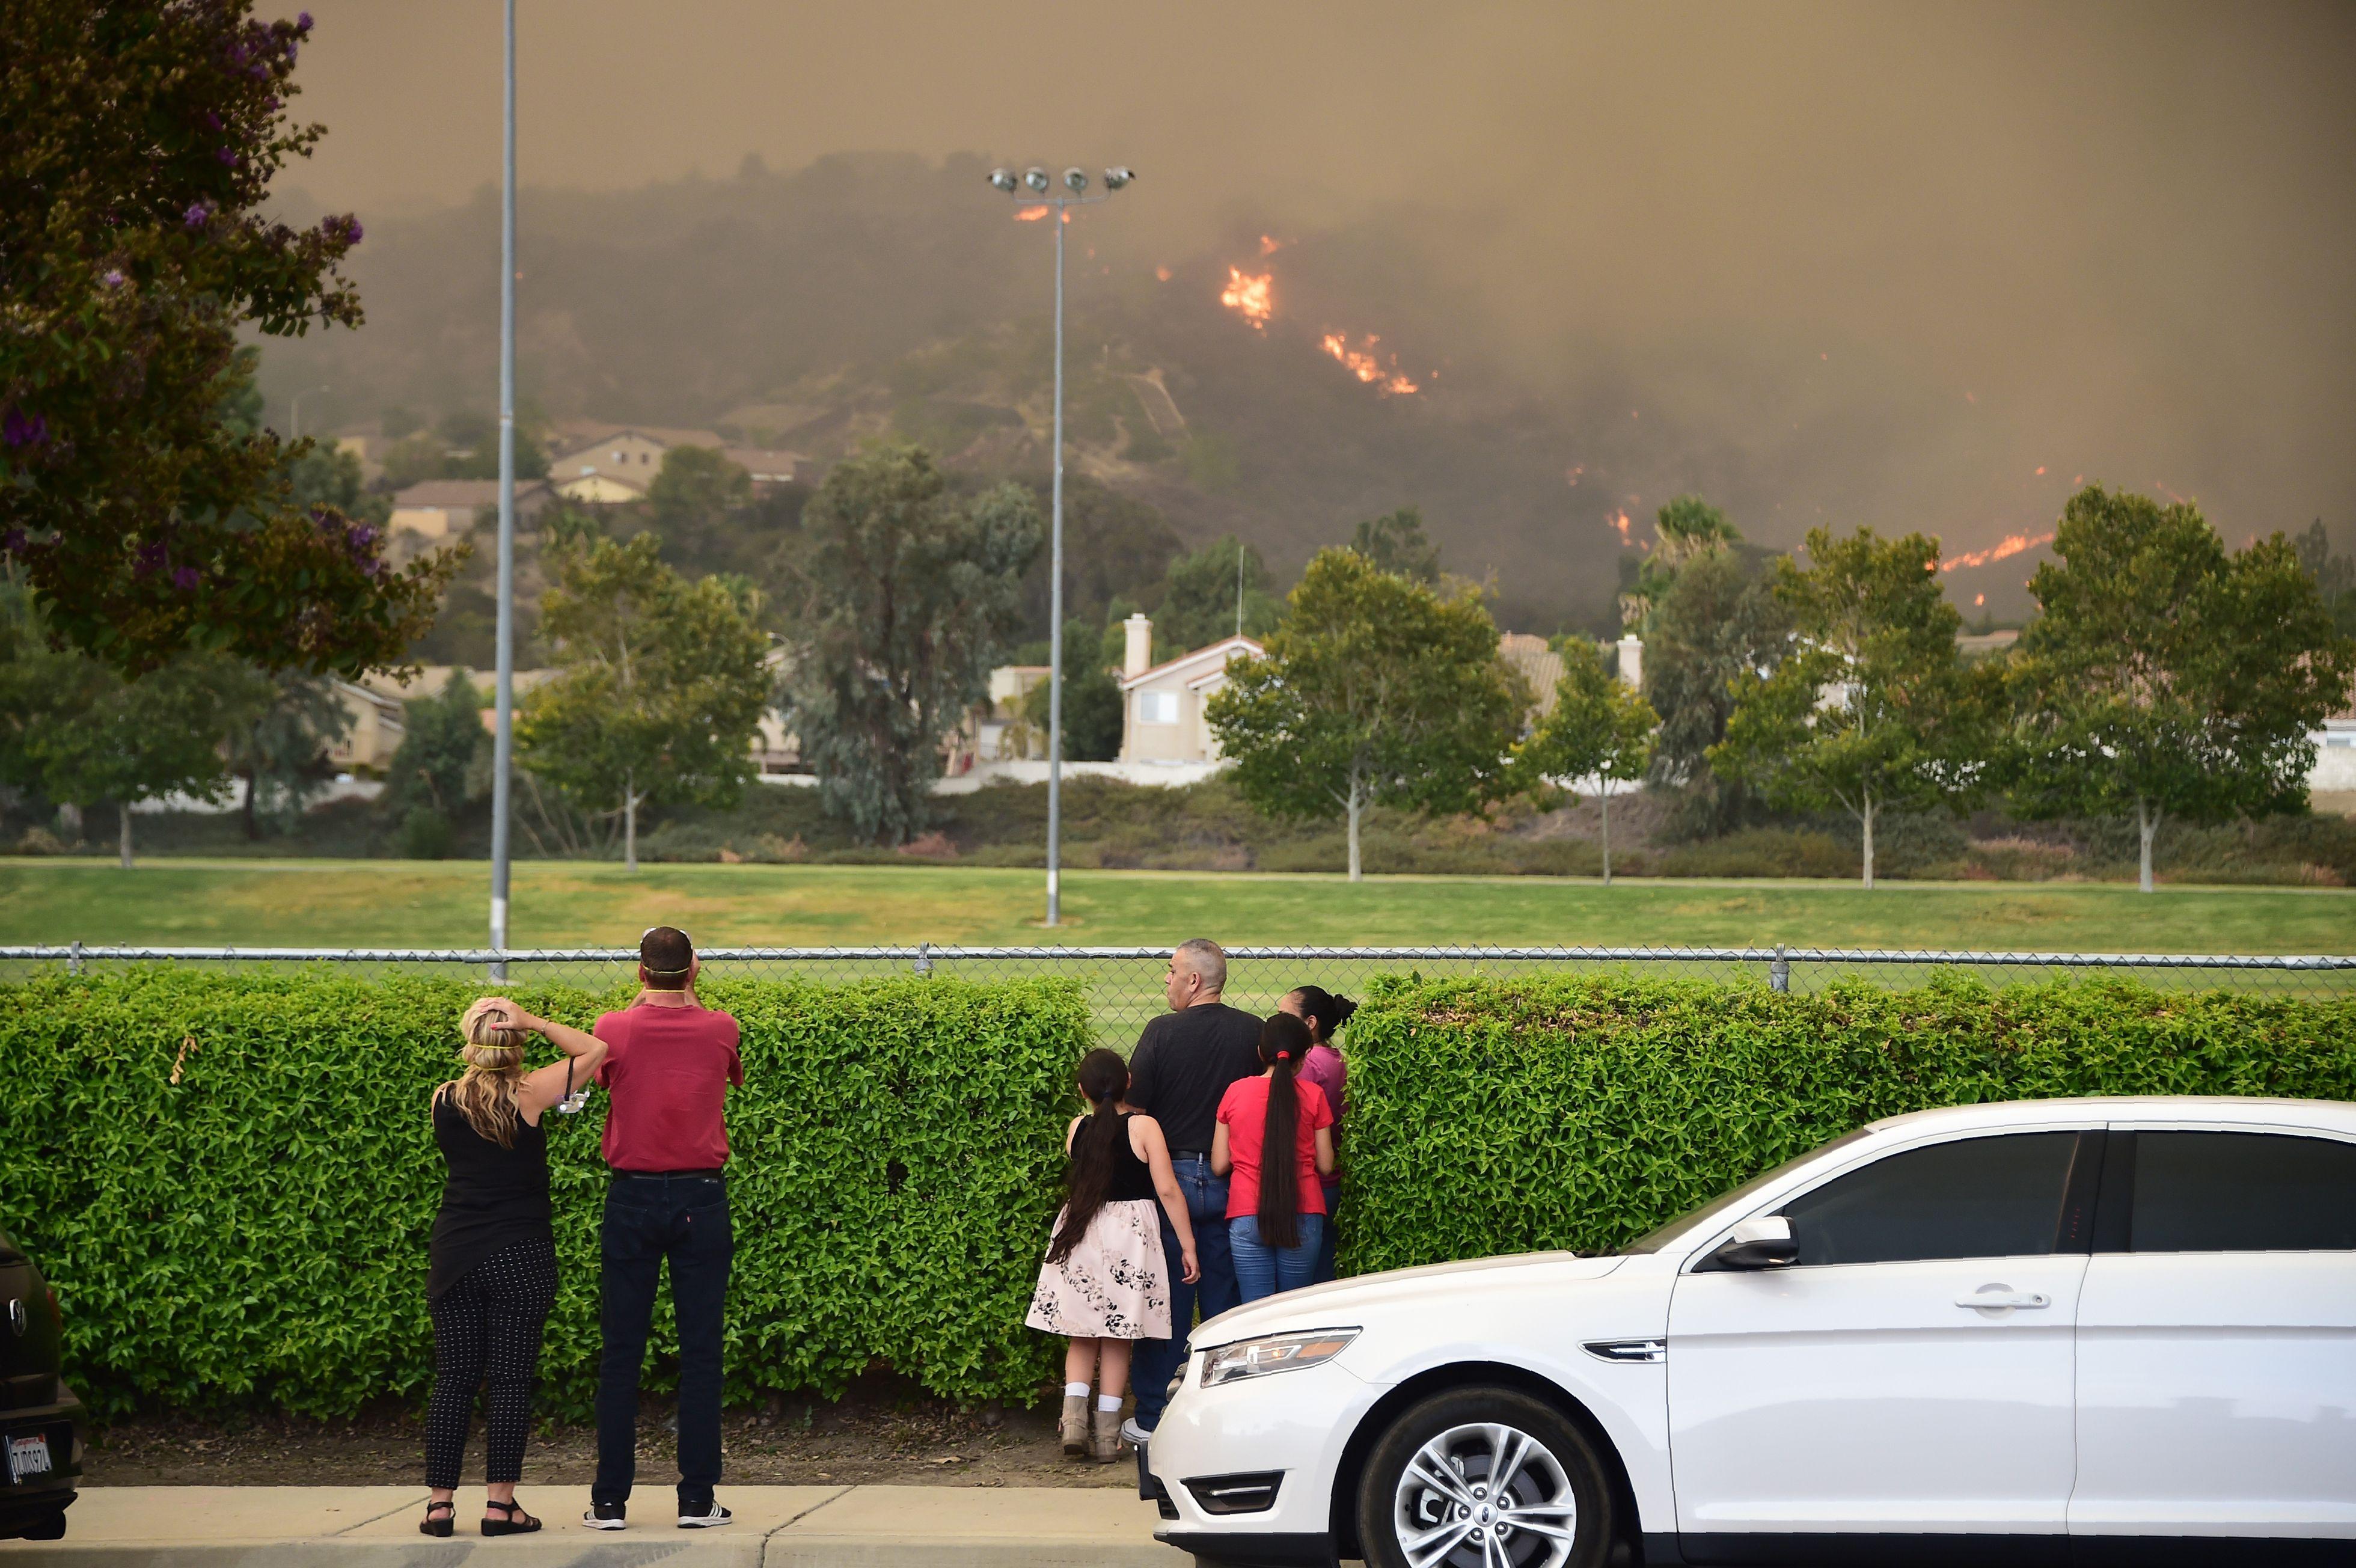 النيران تقترب من المنازل